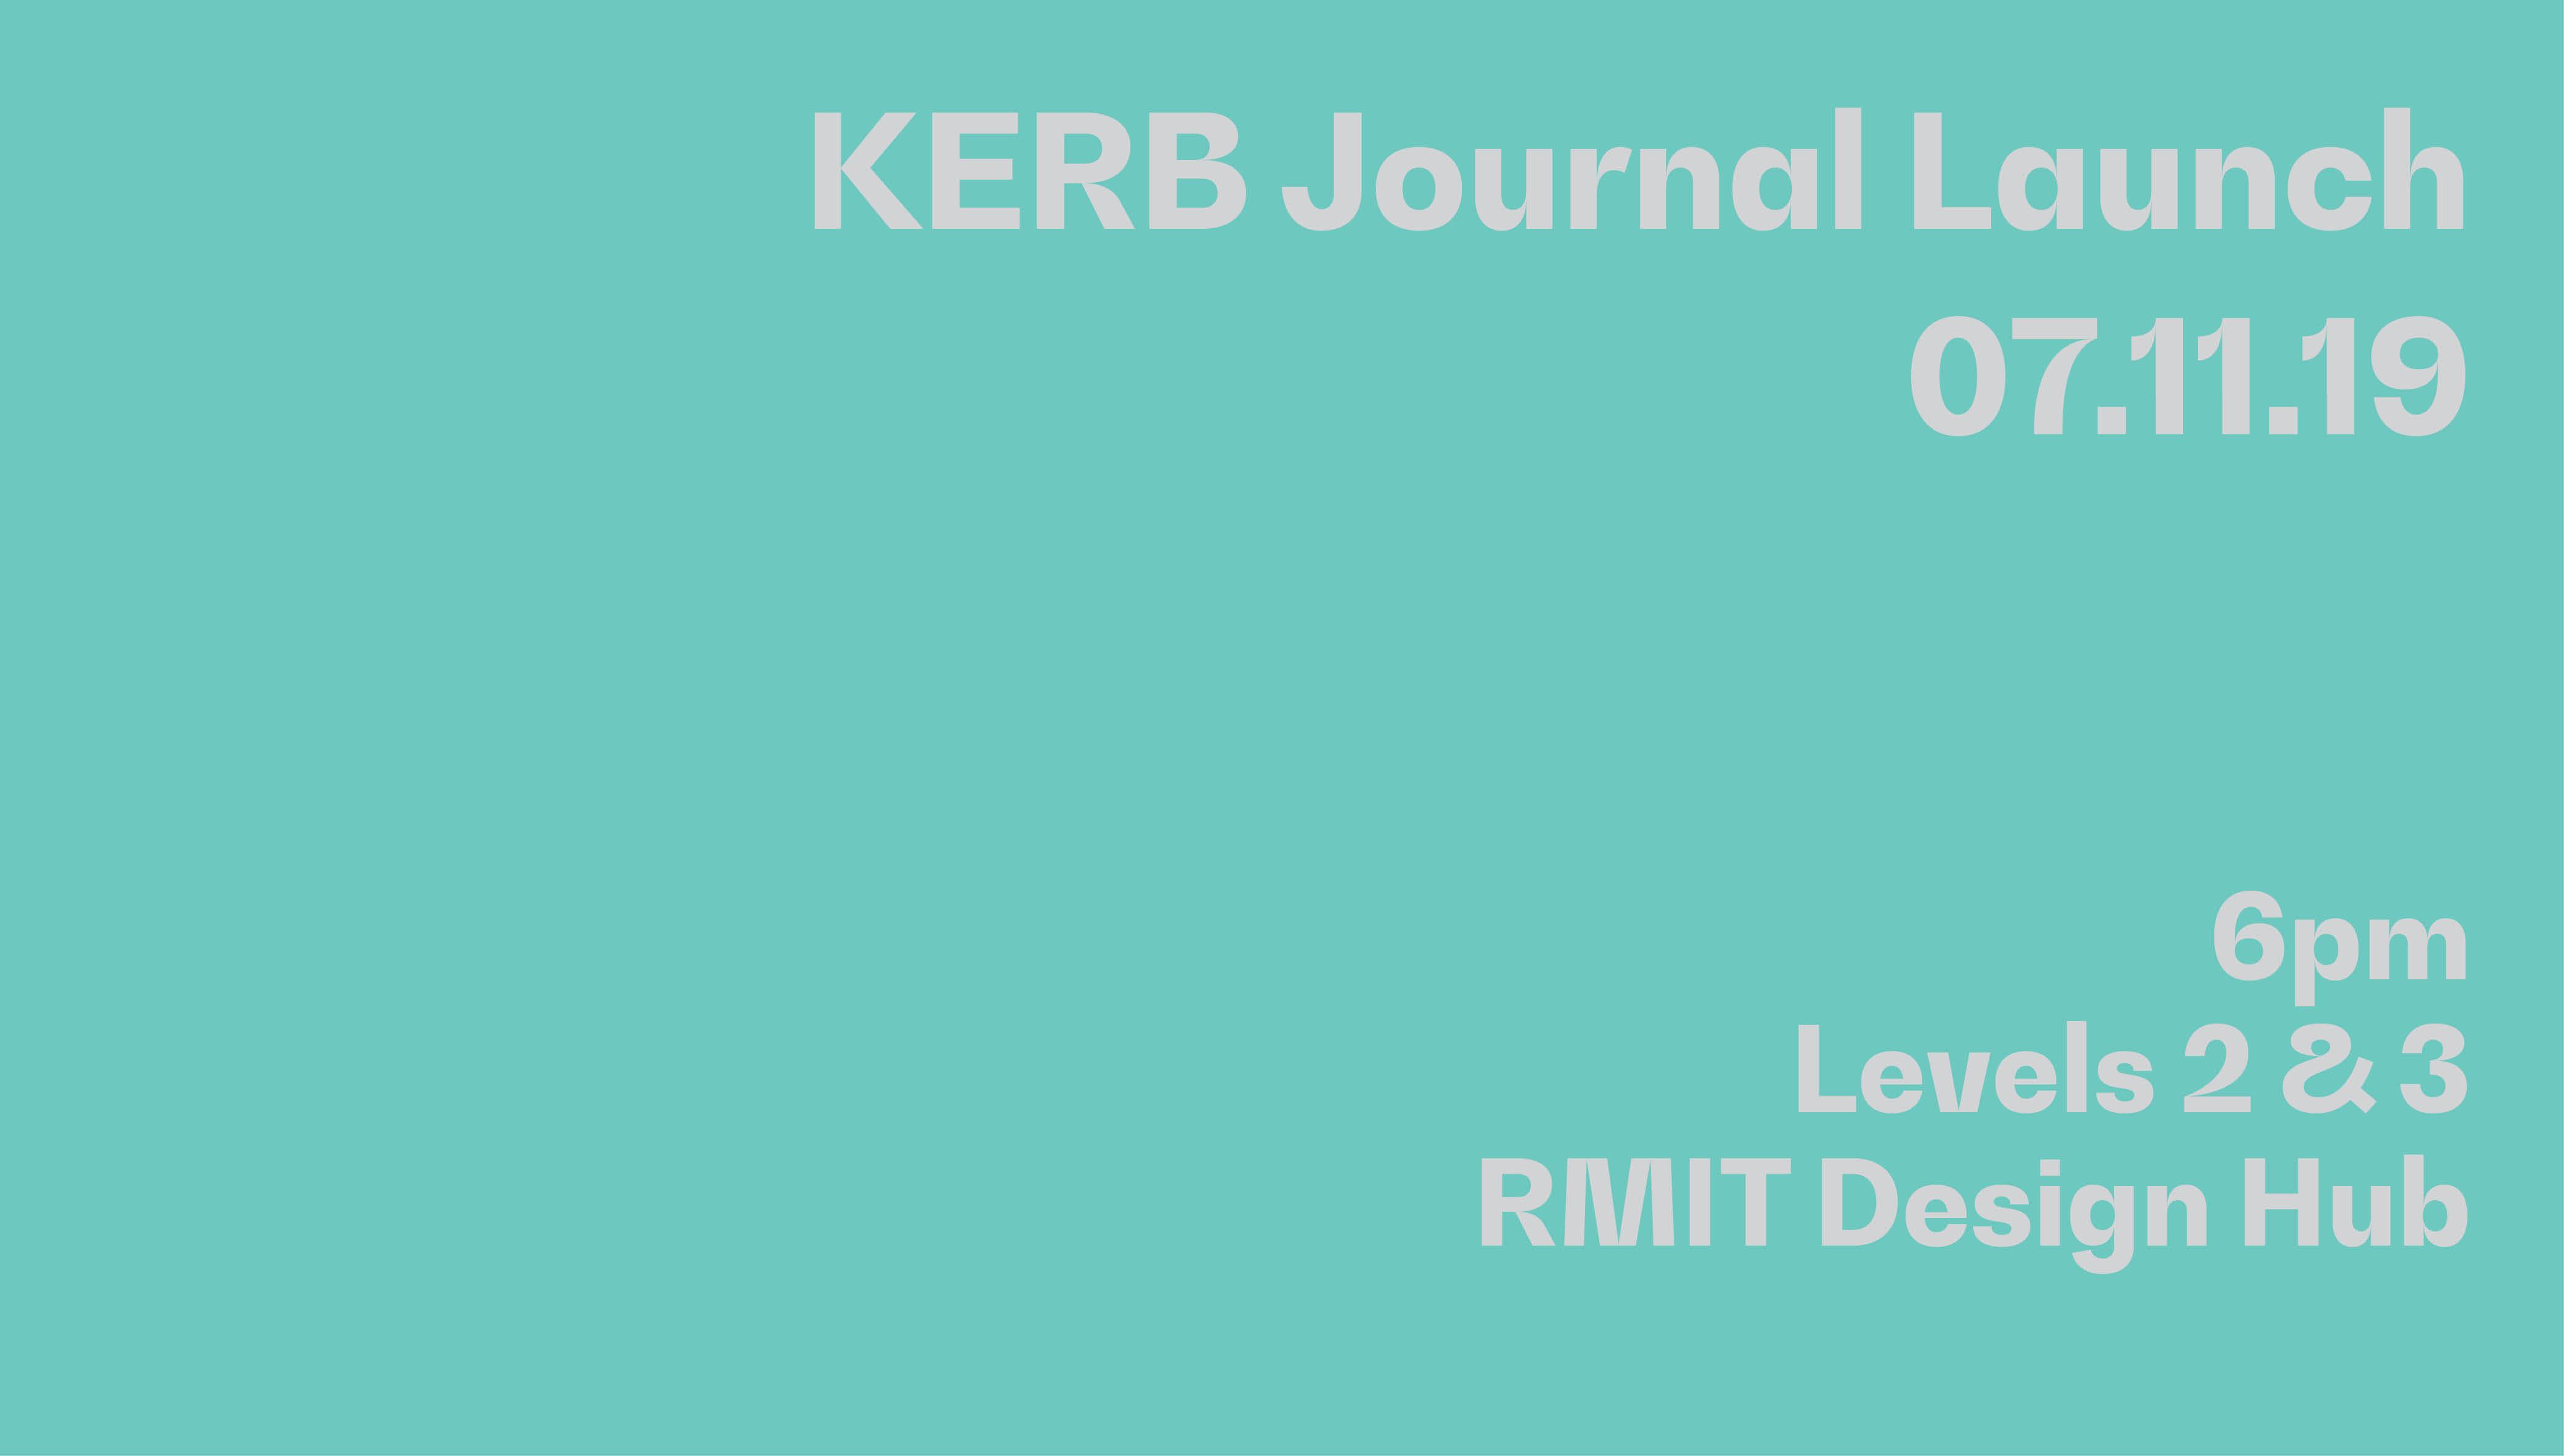 KERB Journal Launch